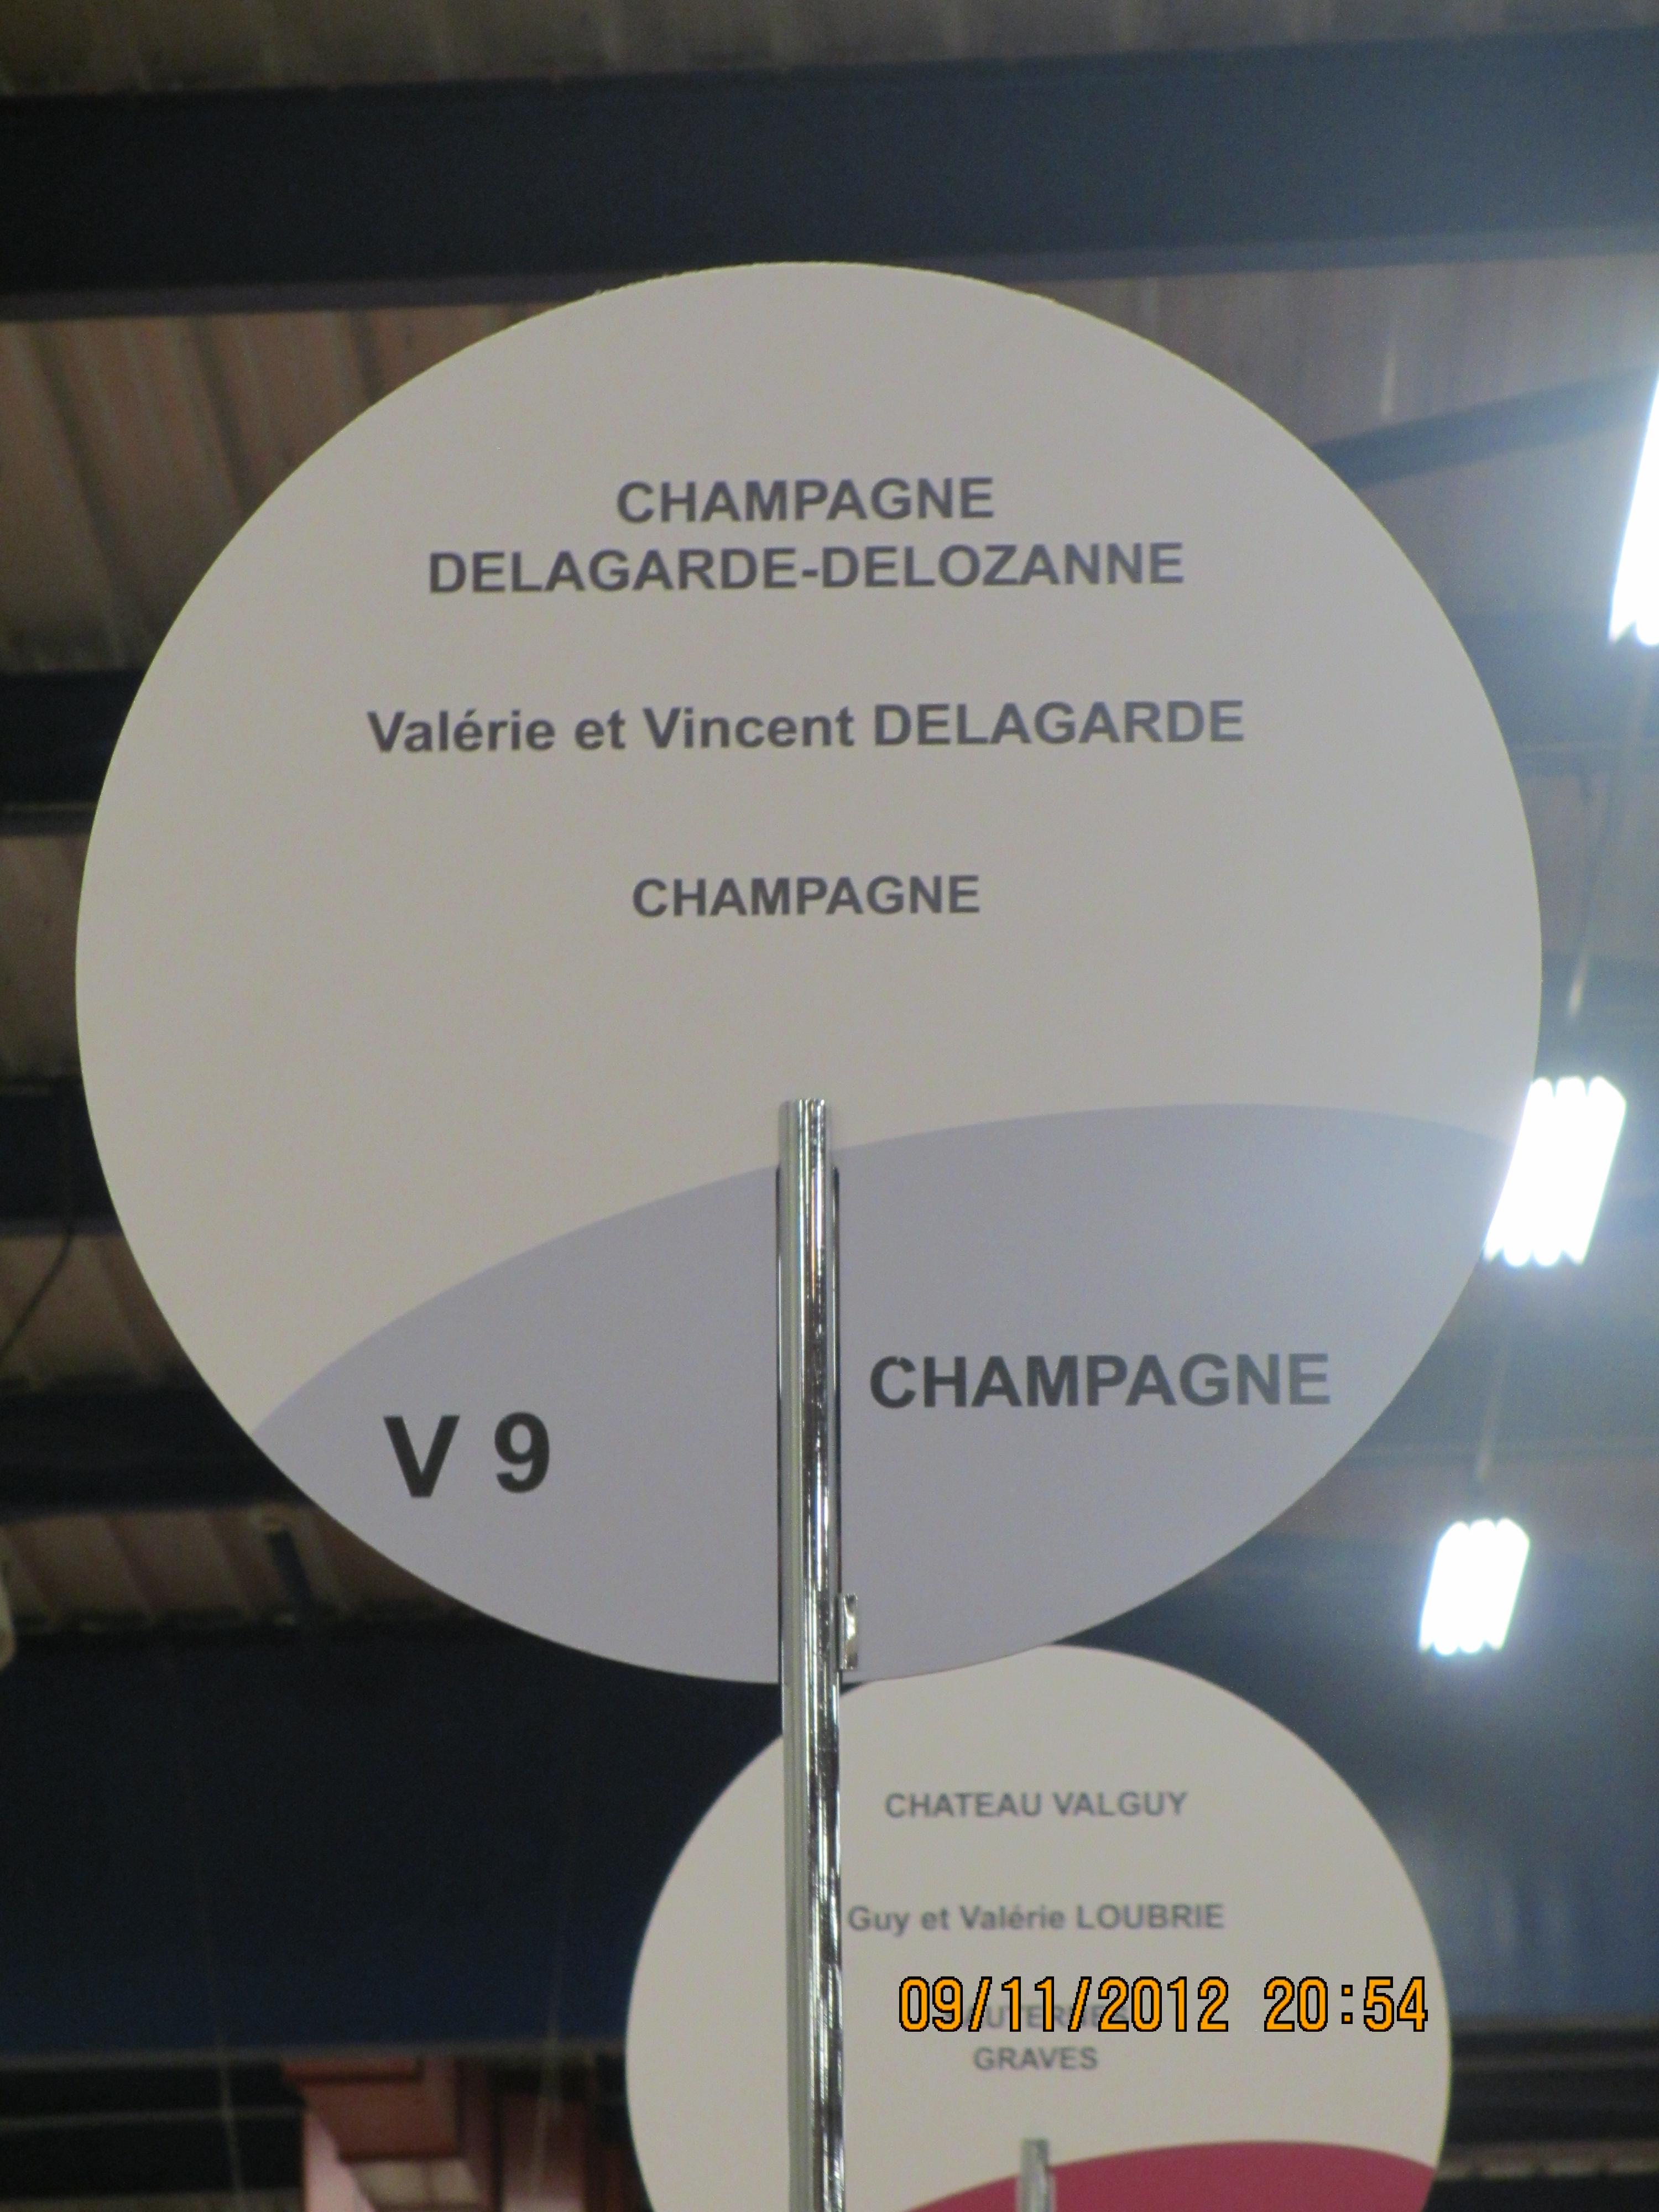 Le salon des vignerons ind pendants de reims se termine - Salon des vignerons independants bordeaux ...